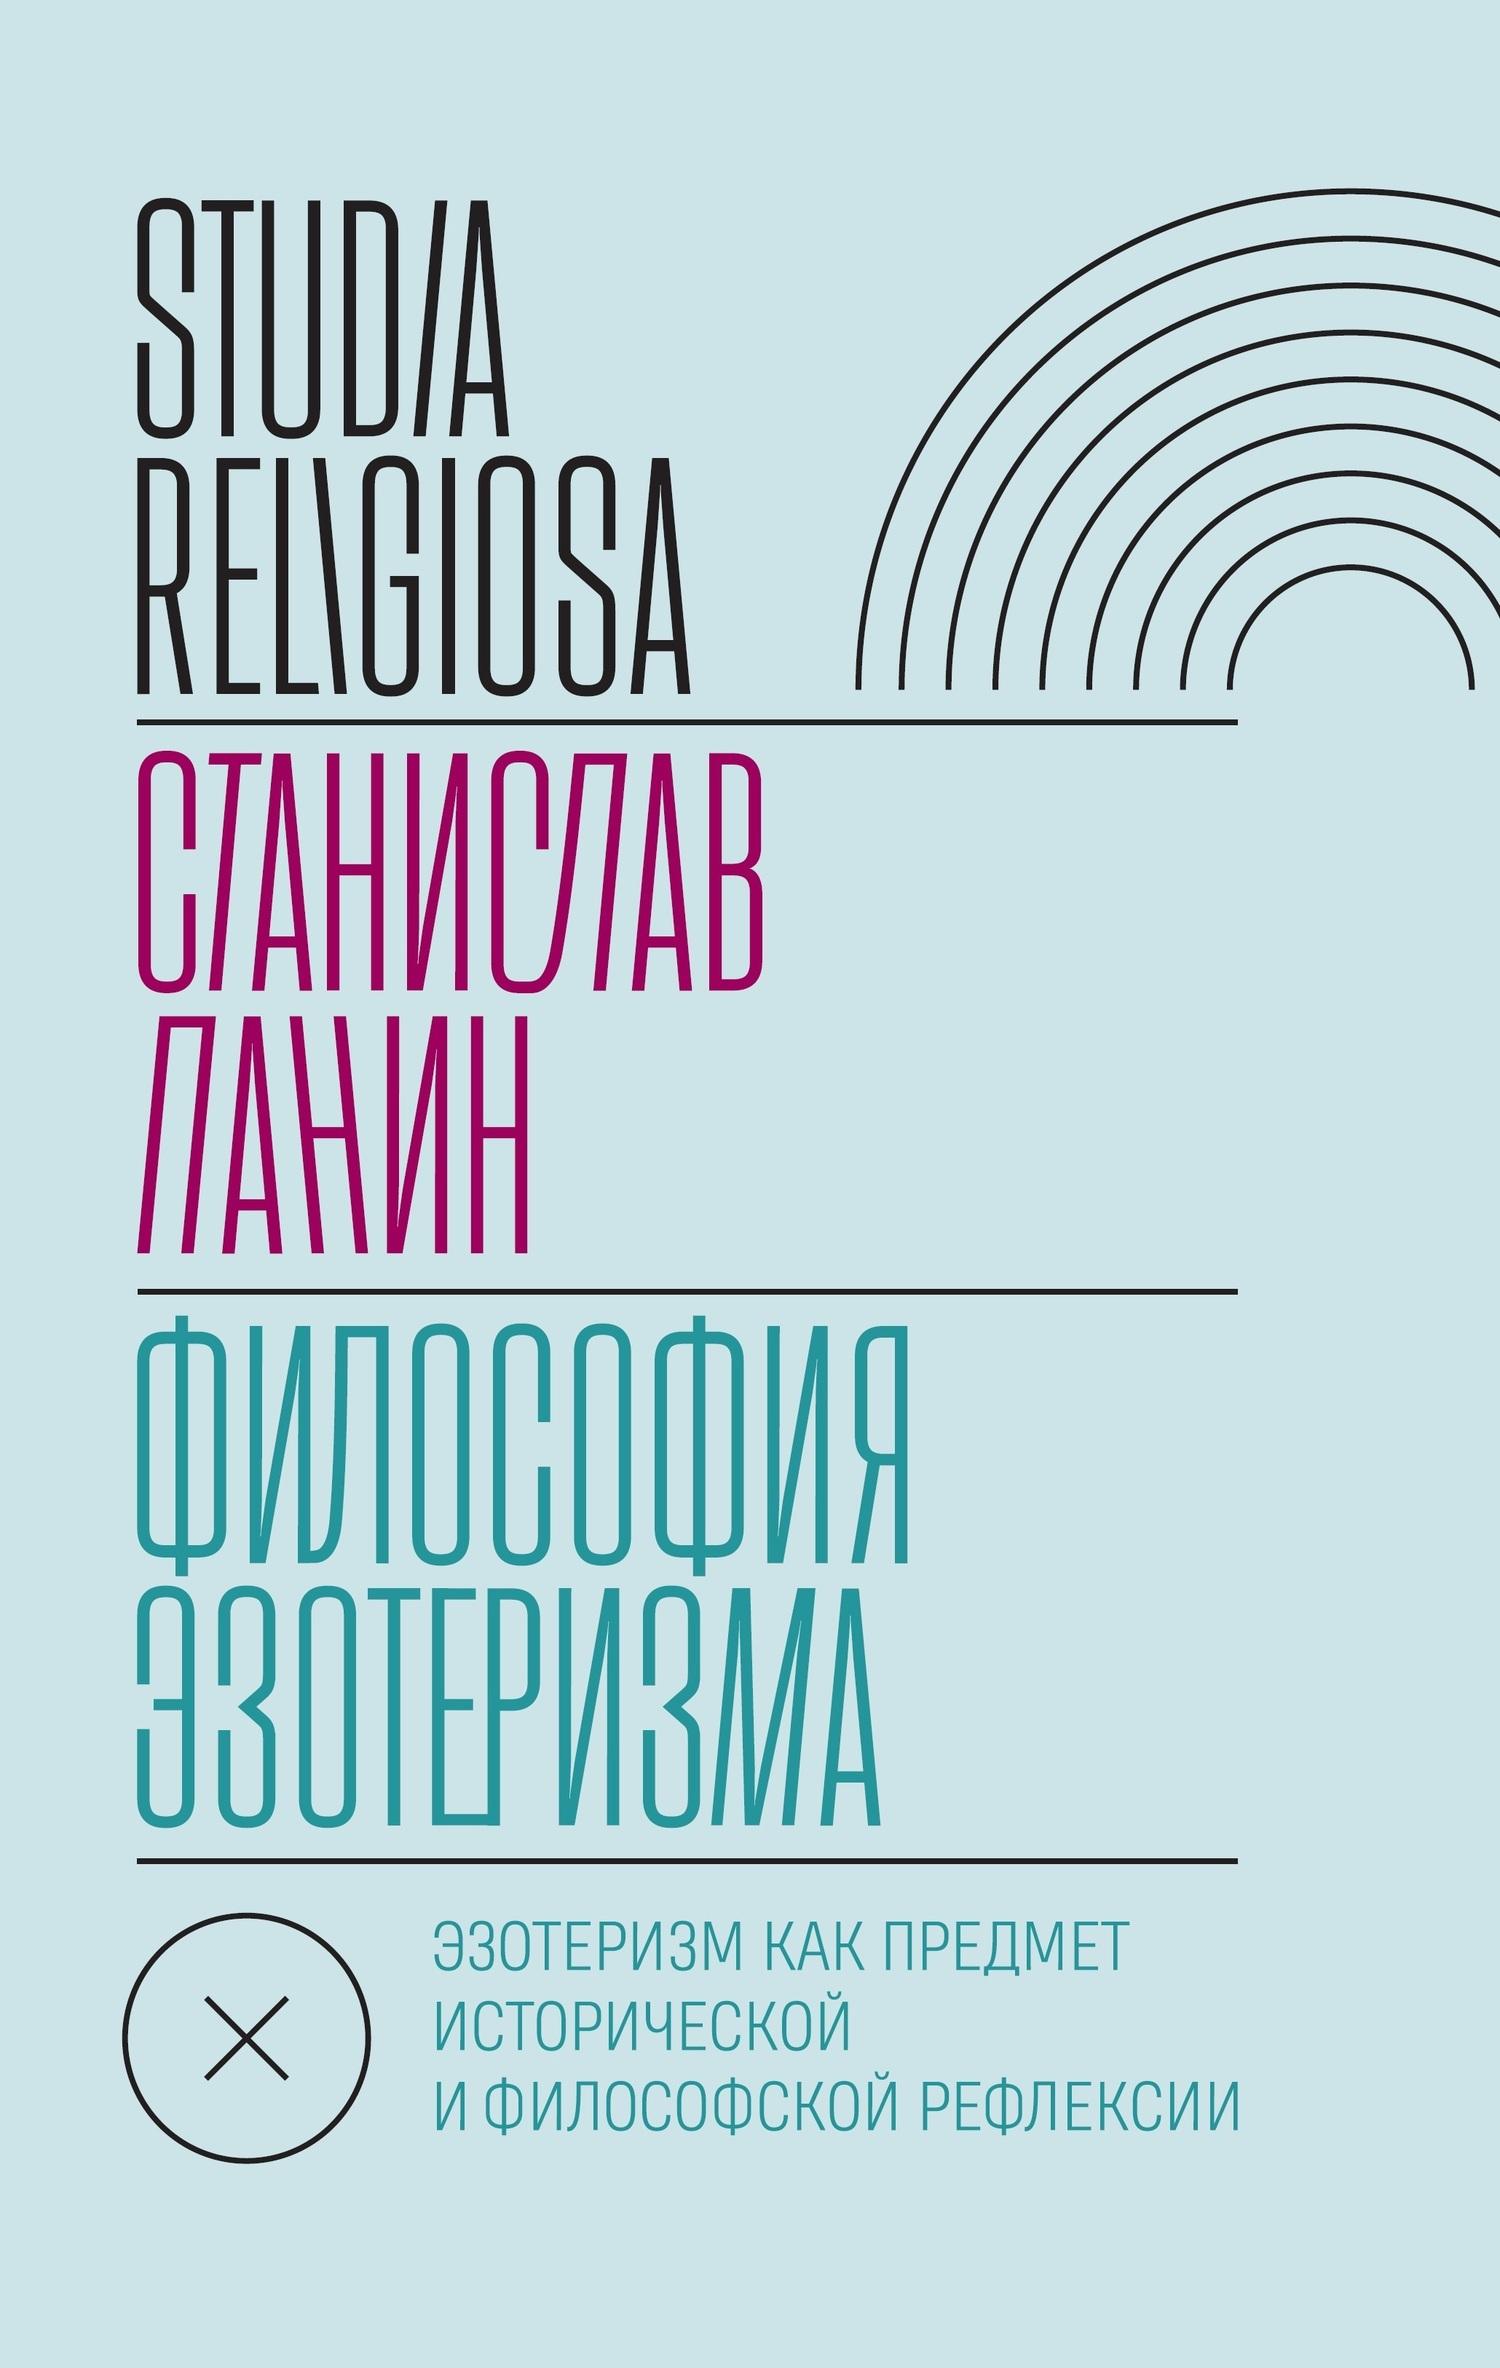 Станислав Панин - Философия эзотеризма